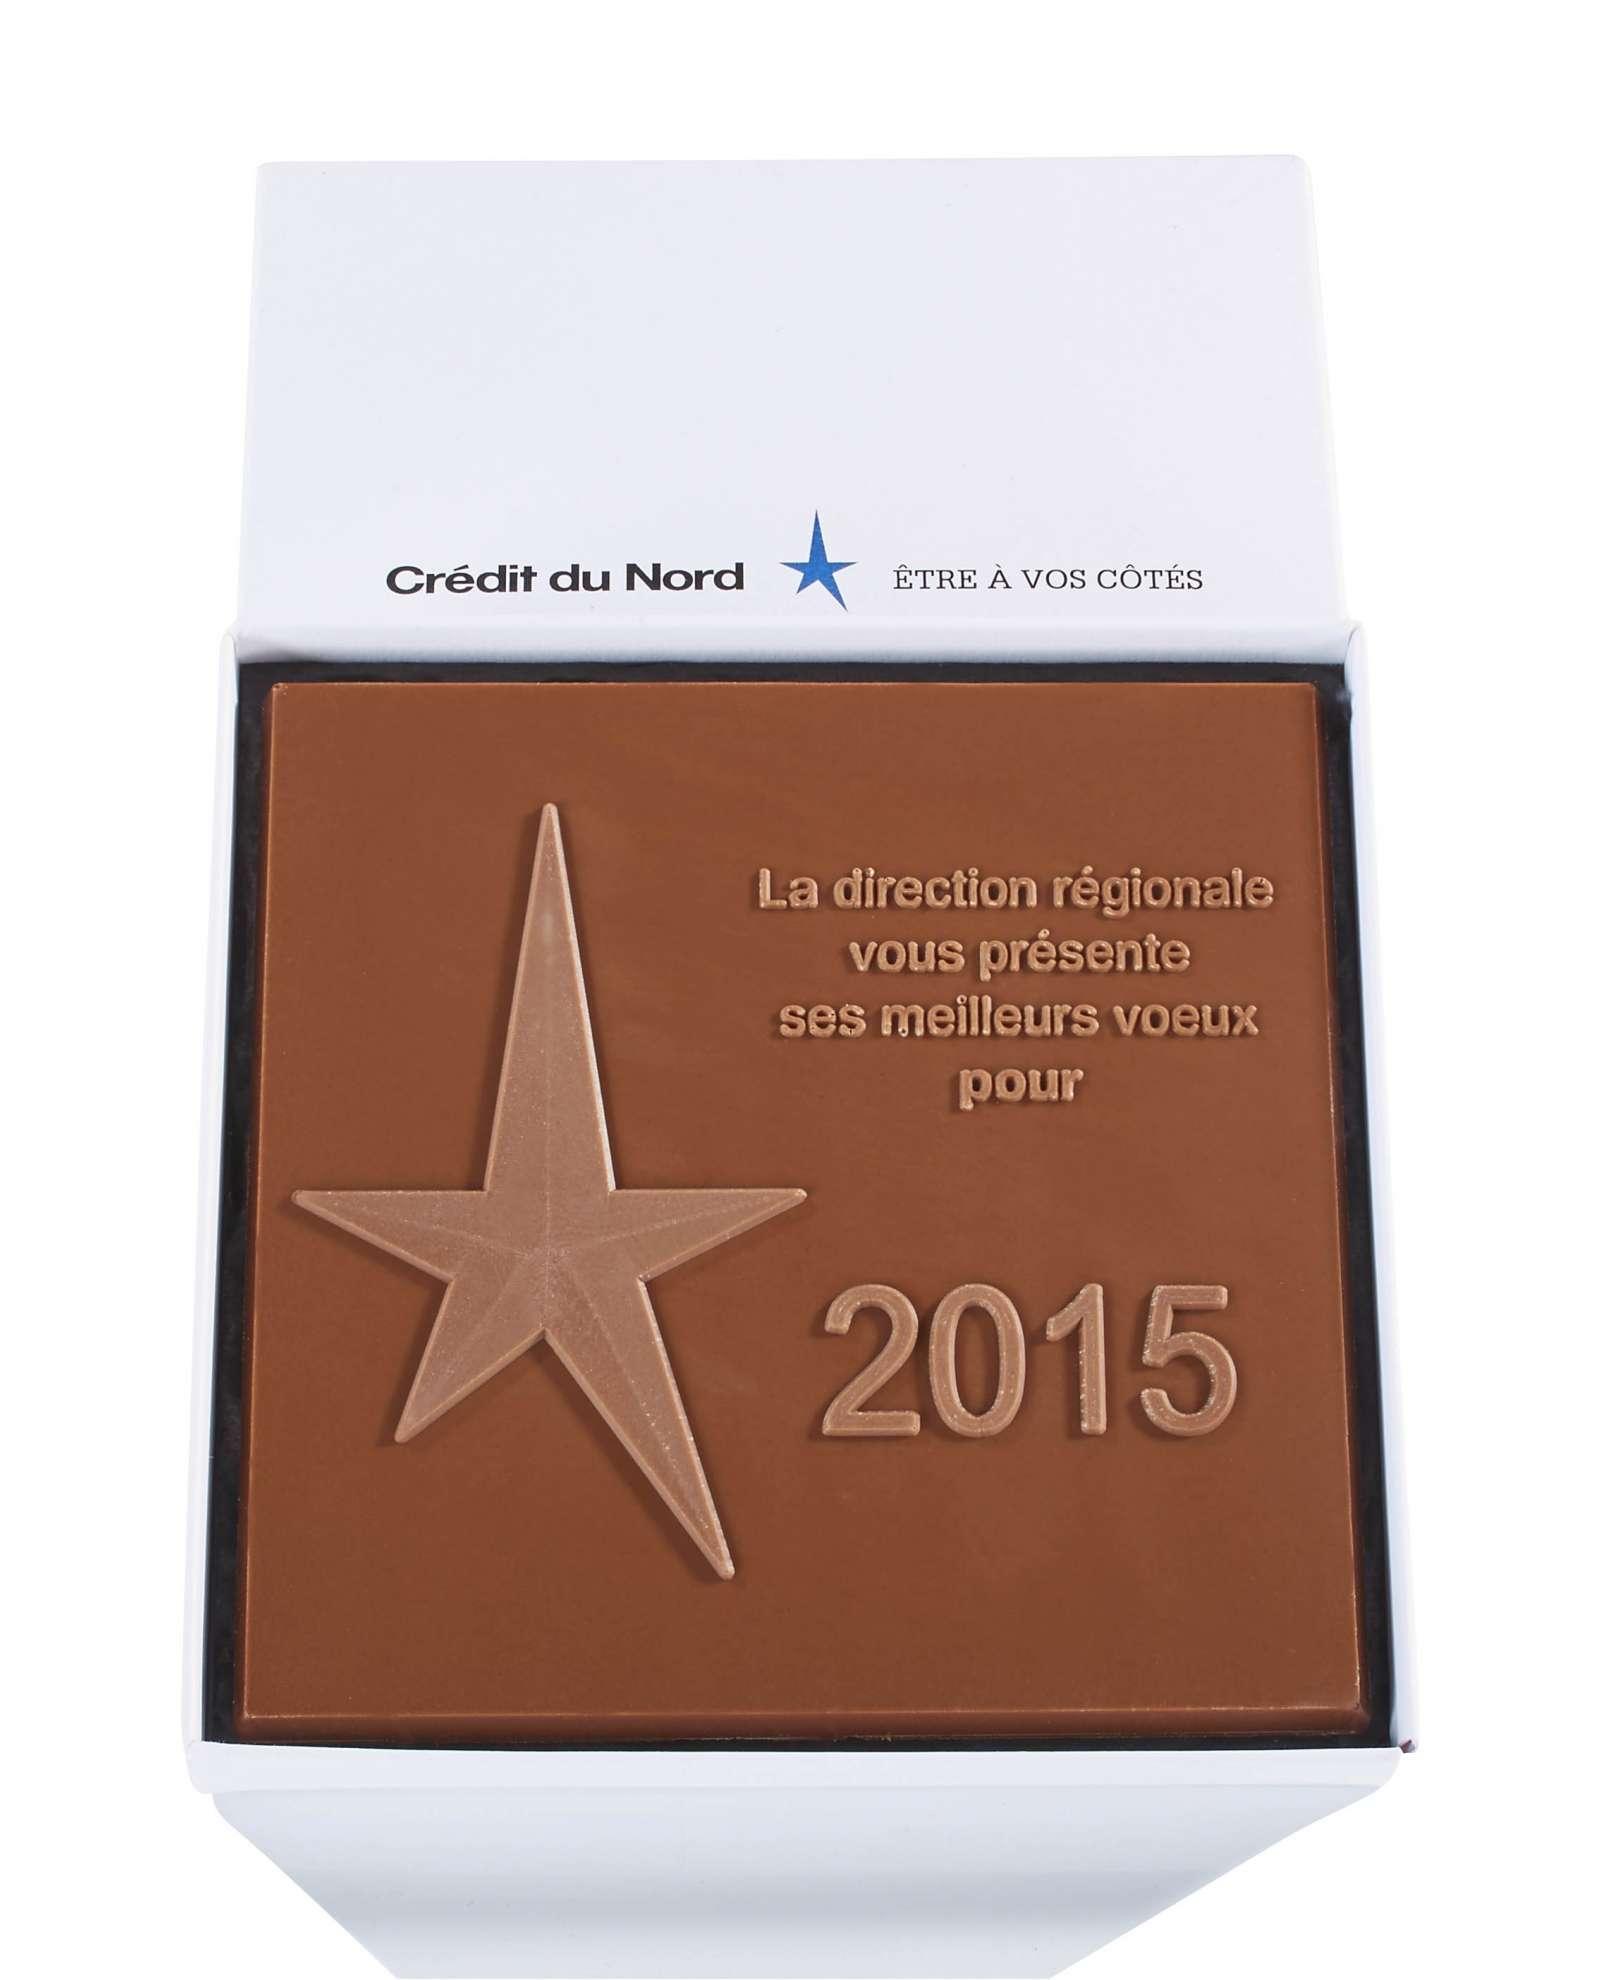 Idee chocolat cadeaux affaires for Idee produit mini entreprise